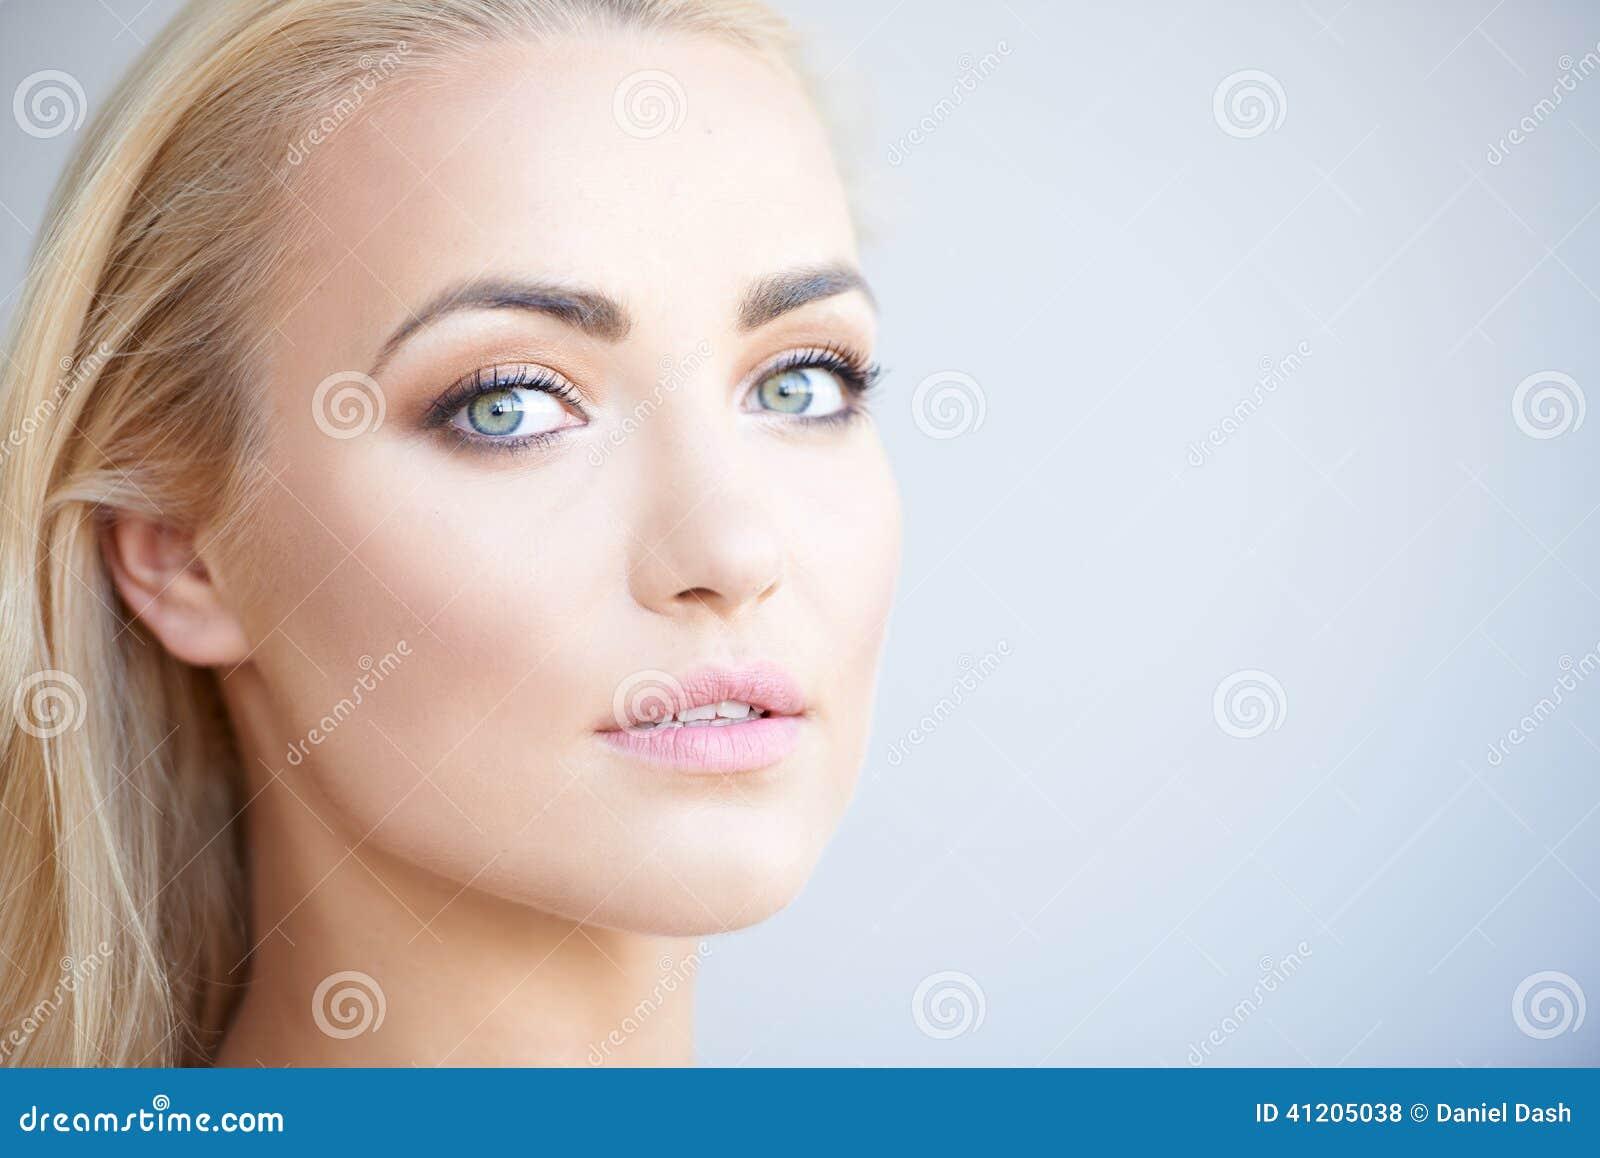 femme blonde magnifique avec de beaux yeux verts photo stock image 41205038. Black Bedroom Furniture Sets. Home Design Ideas